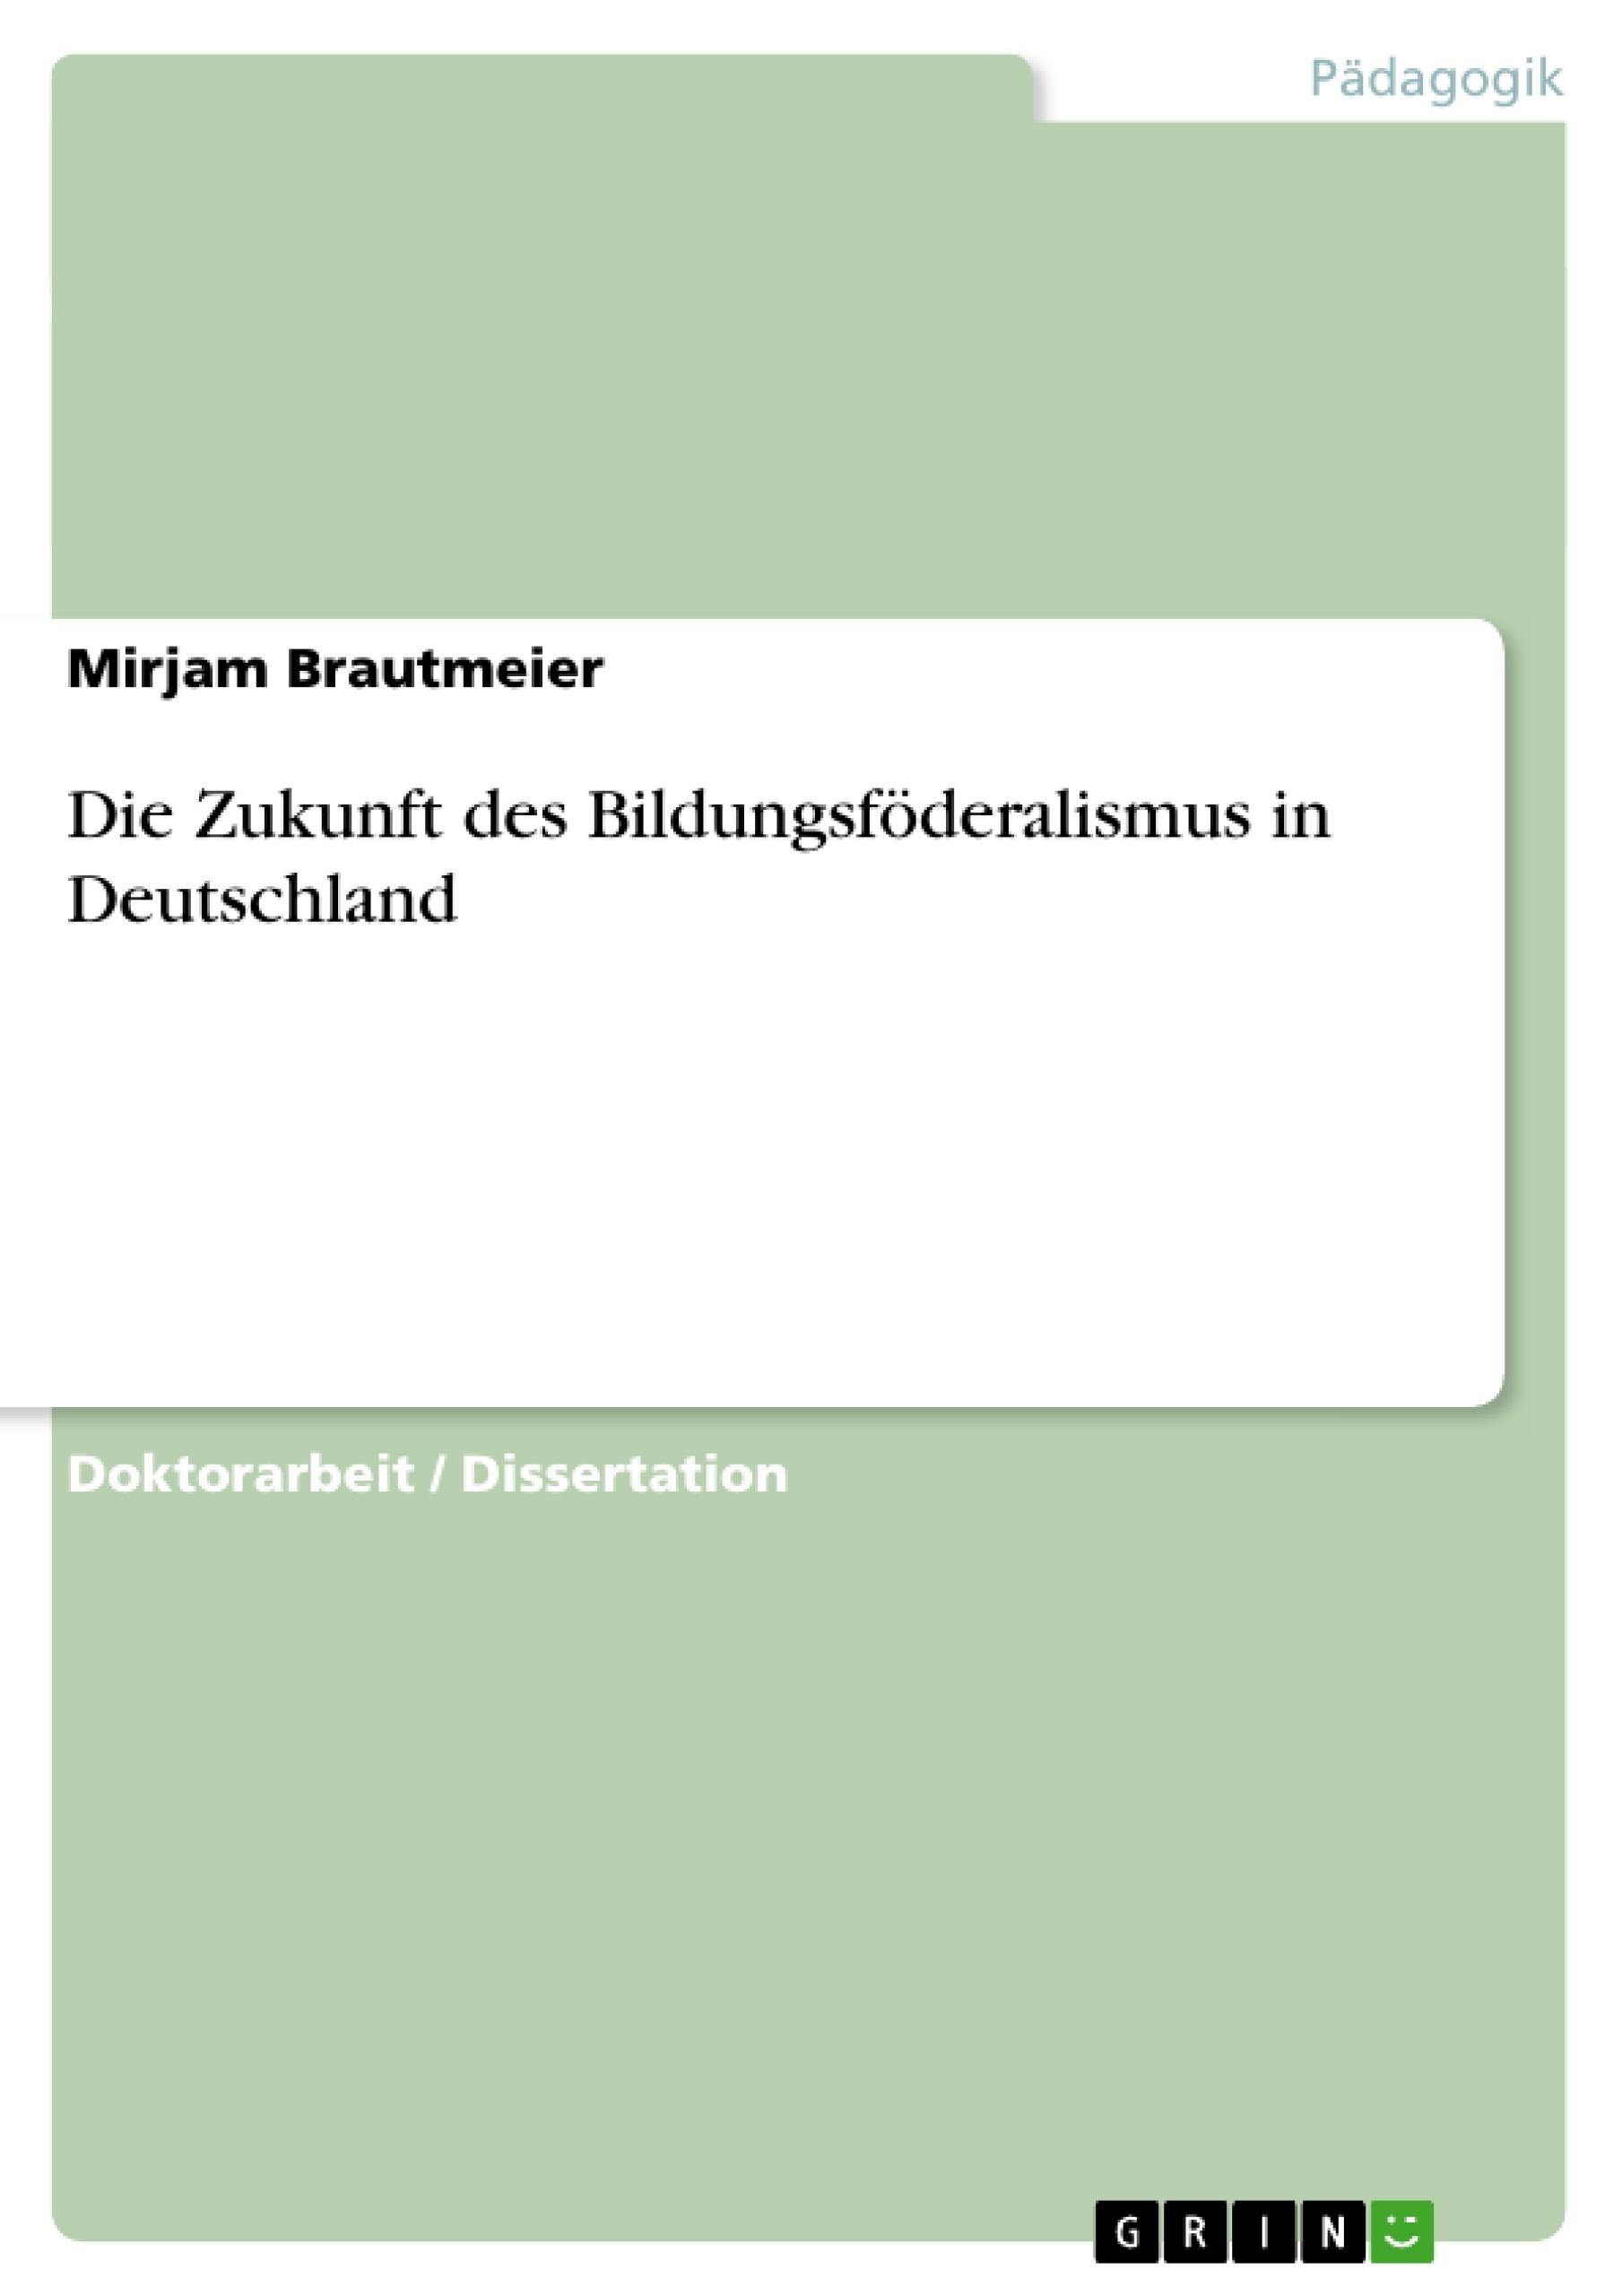 Titel: Die Zukunft des Bildungsföderalismus in Deutschland